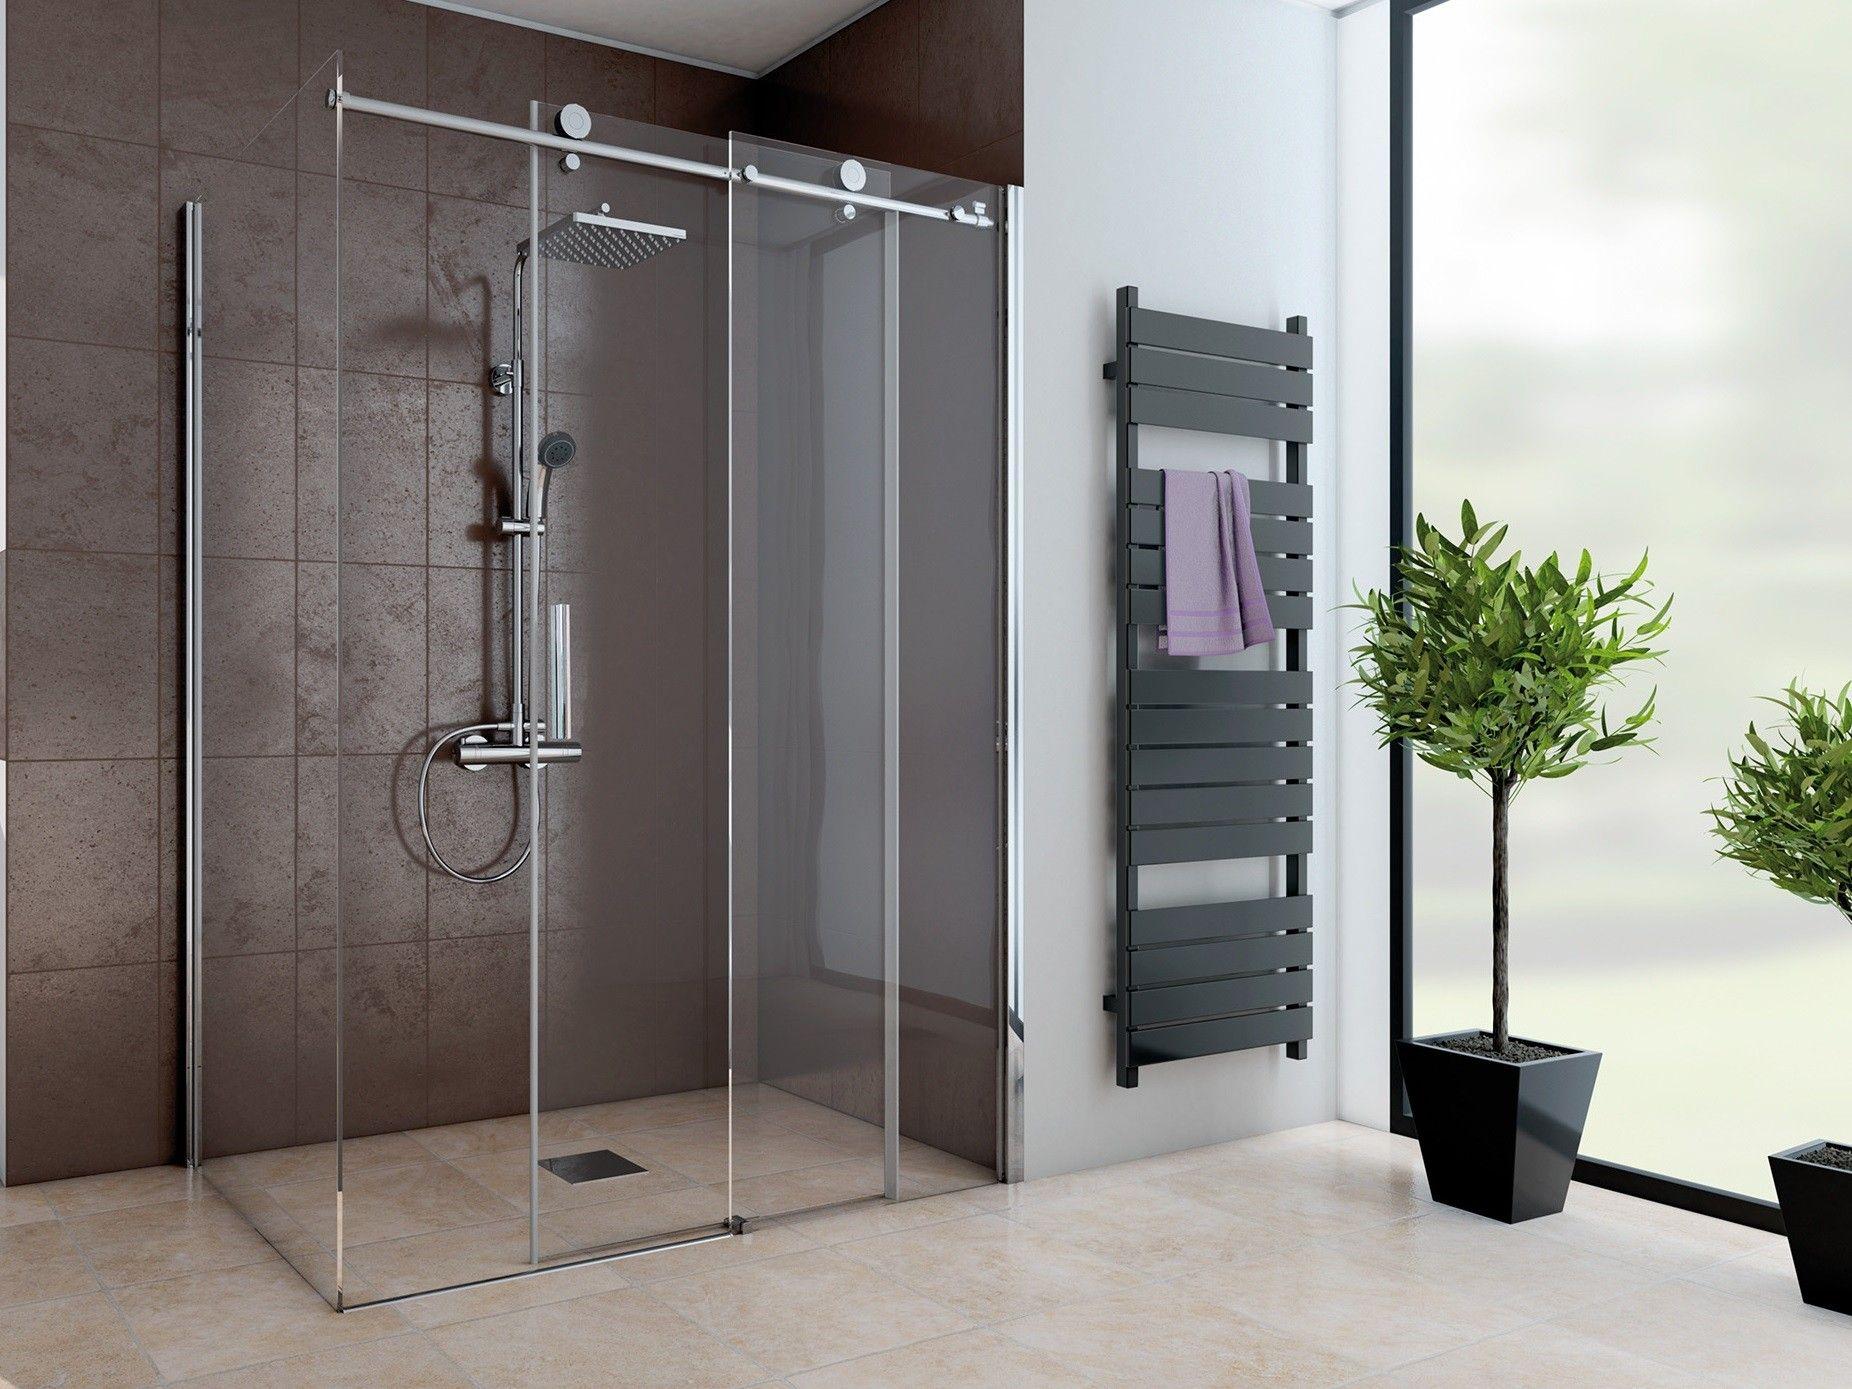 Duschen Schiebetür Dusche Für Duschen Plus Mit Seitenwand